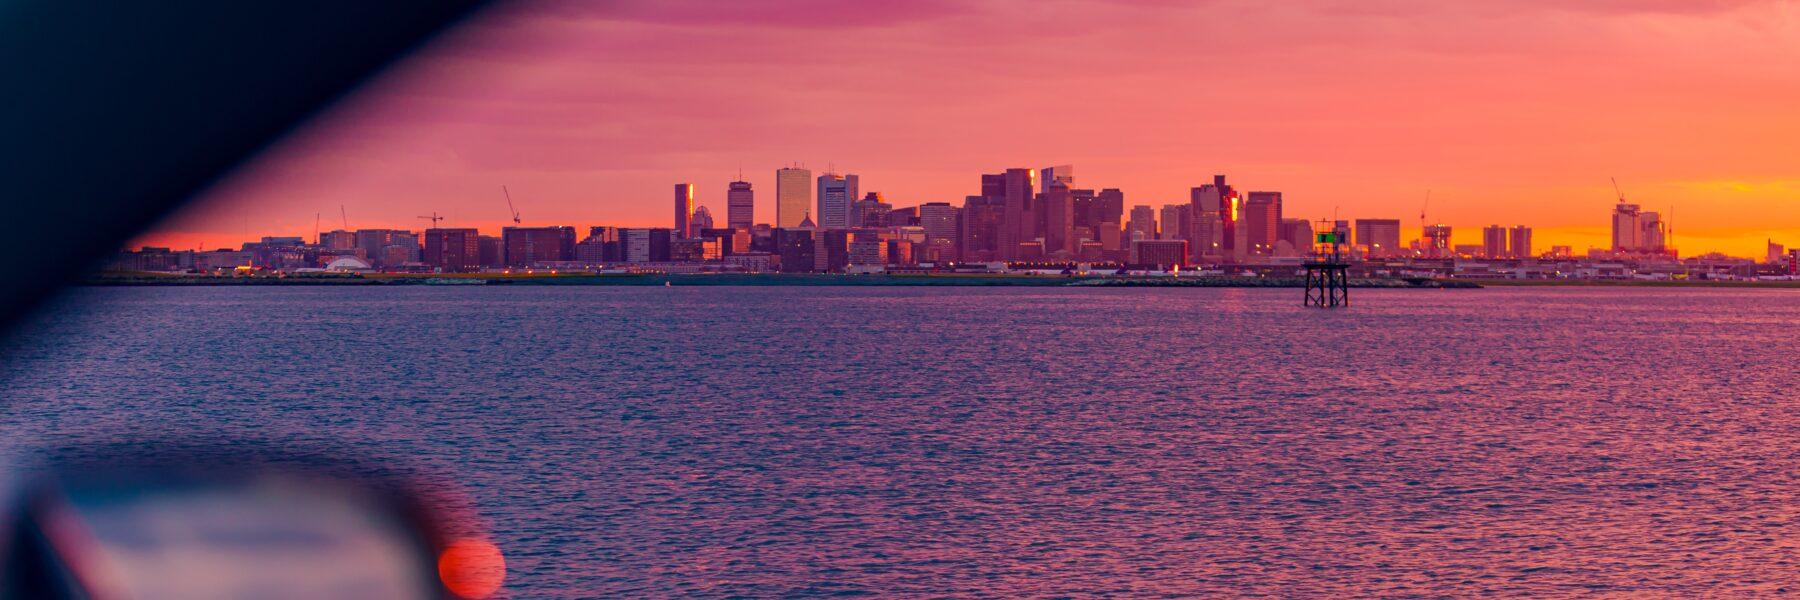 winthrop sunset best in boston